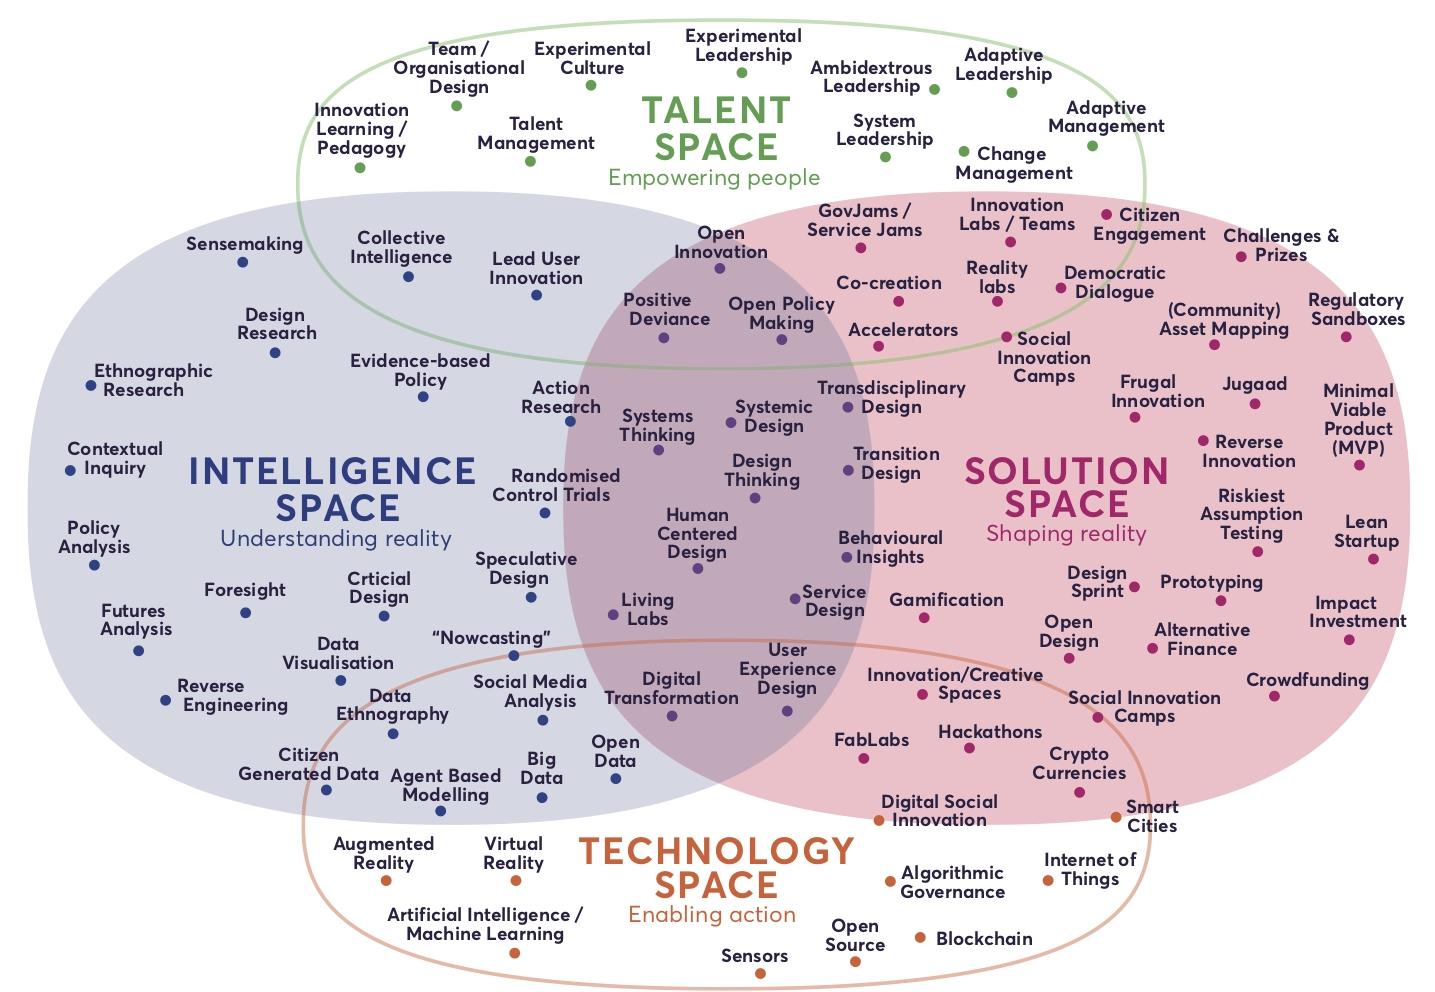 그림 3. 혁신의 영역들 (출처: https://states-of-change.org/resources/landscape-of-innovation-approaches)